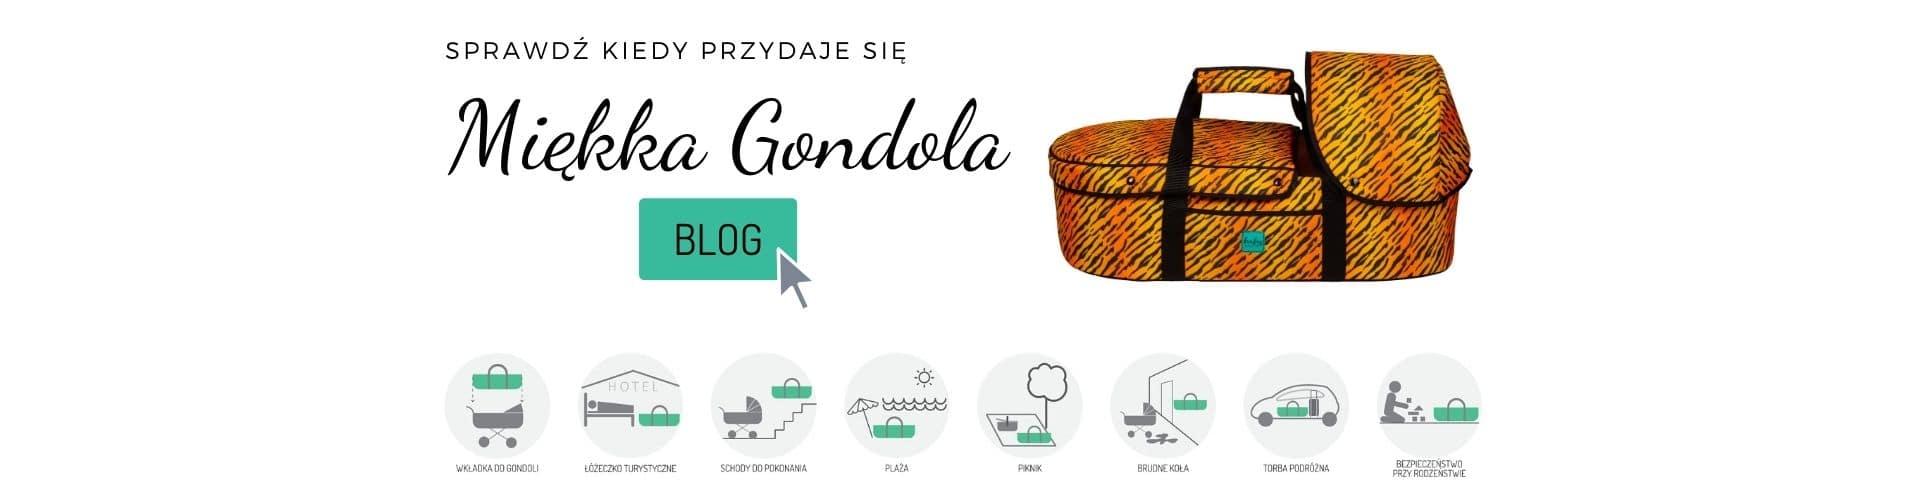 Co to jest miękka gondola?